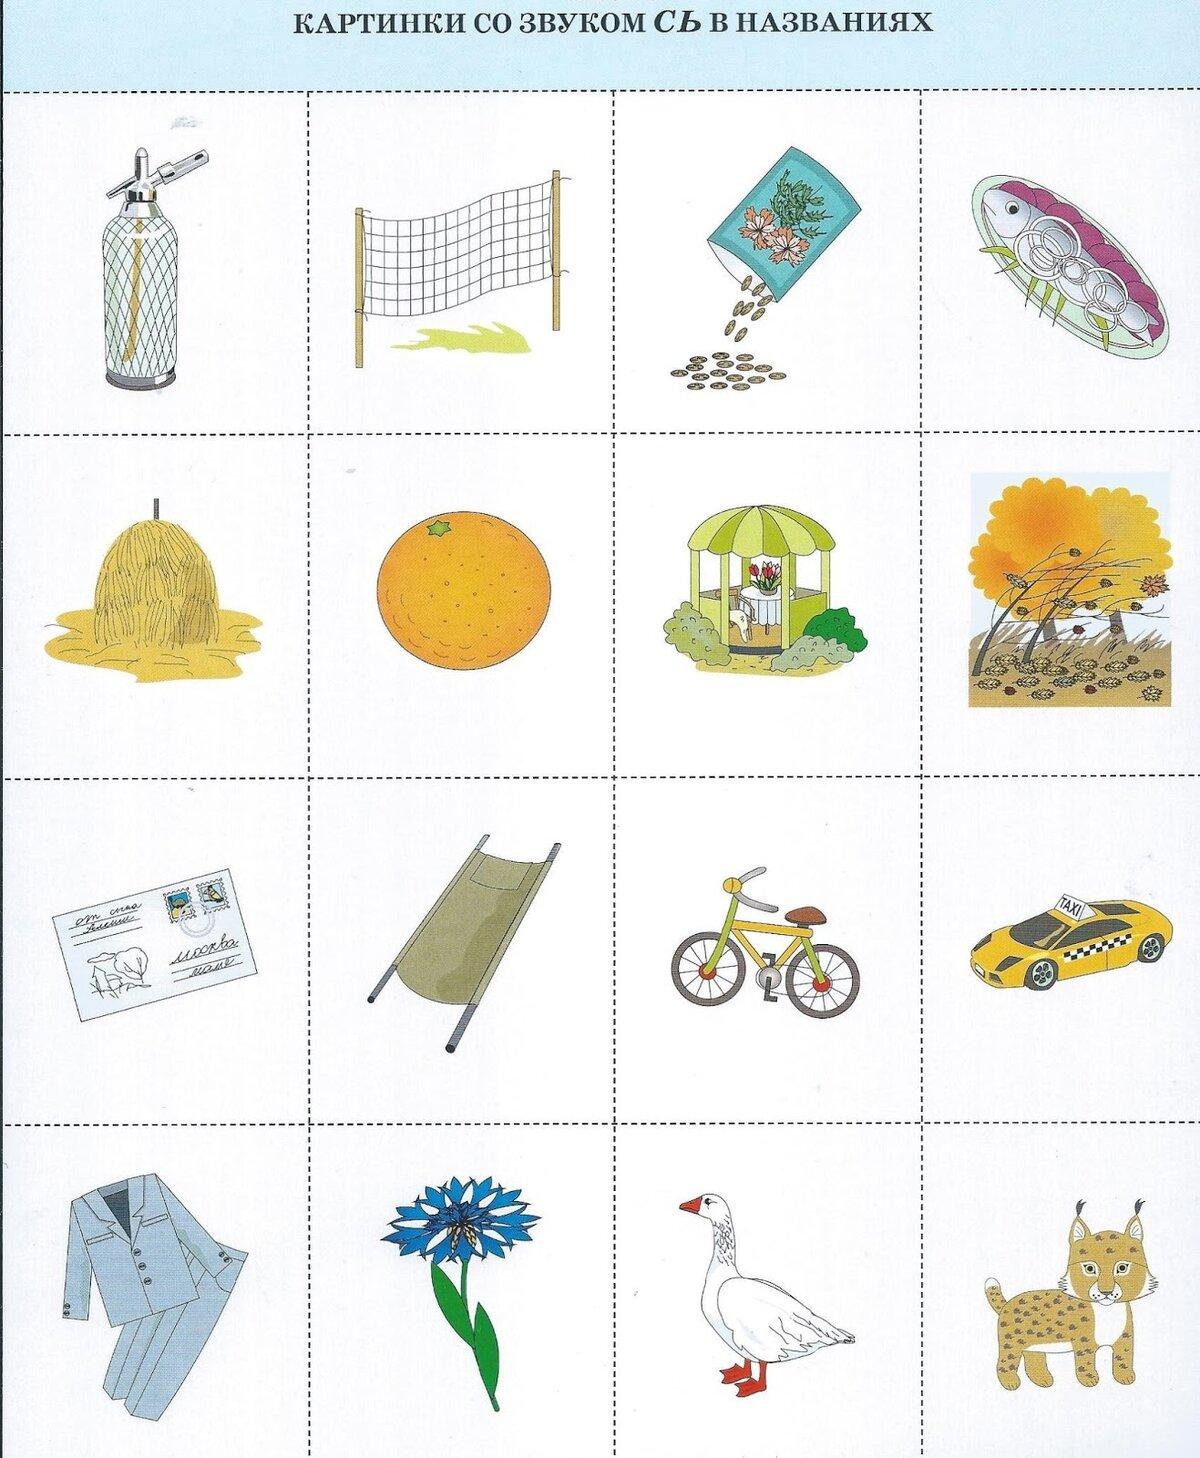 логопедические картинки карточки для автоматизации звуков лучшие произведения